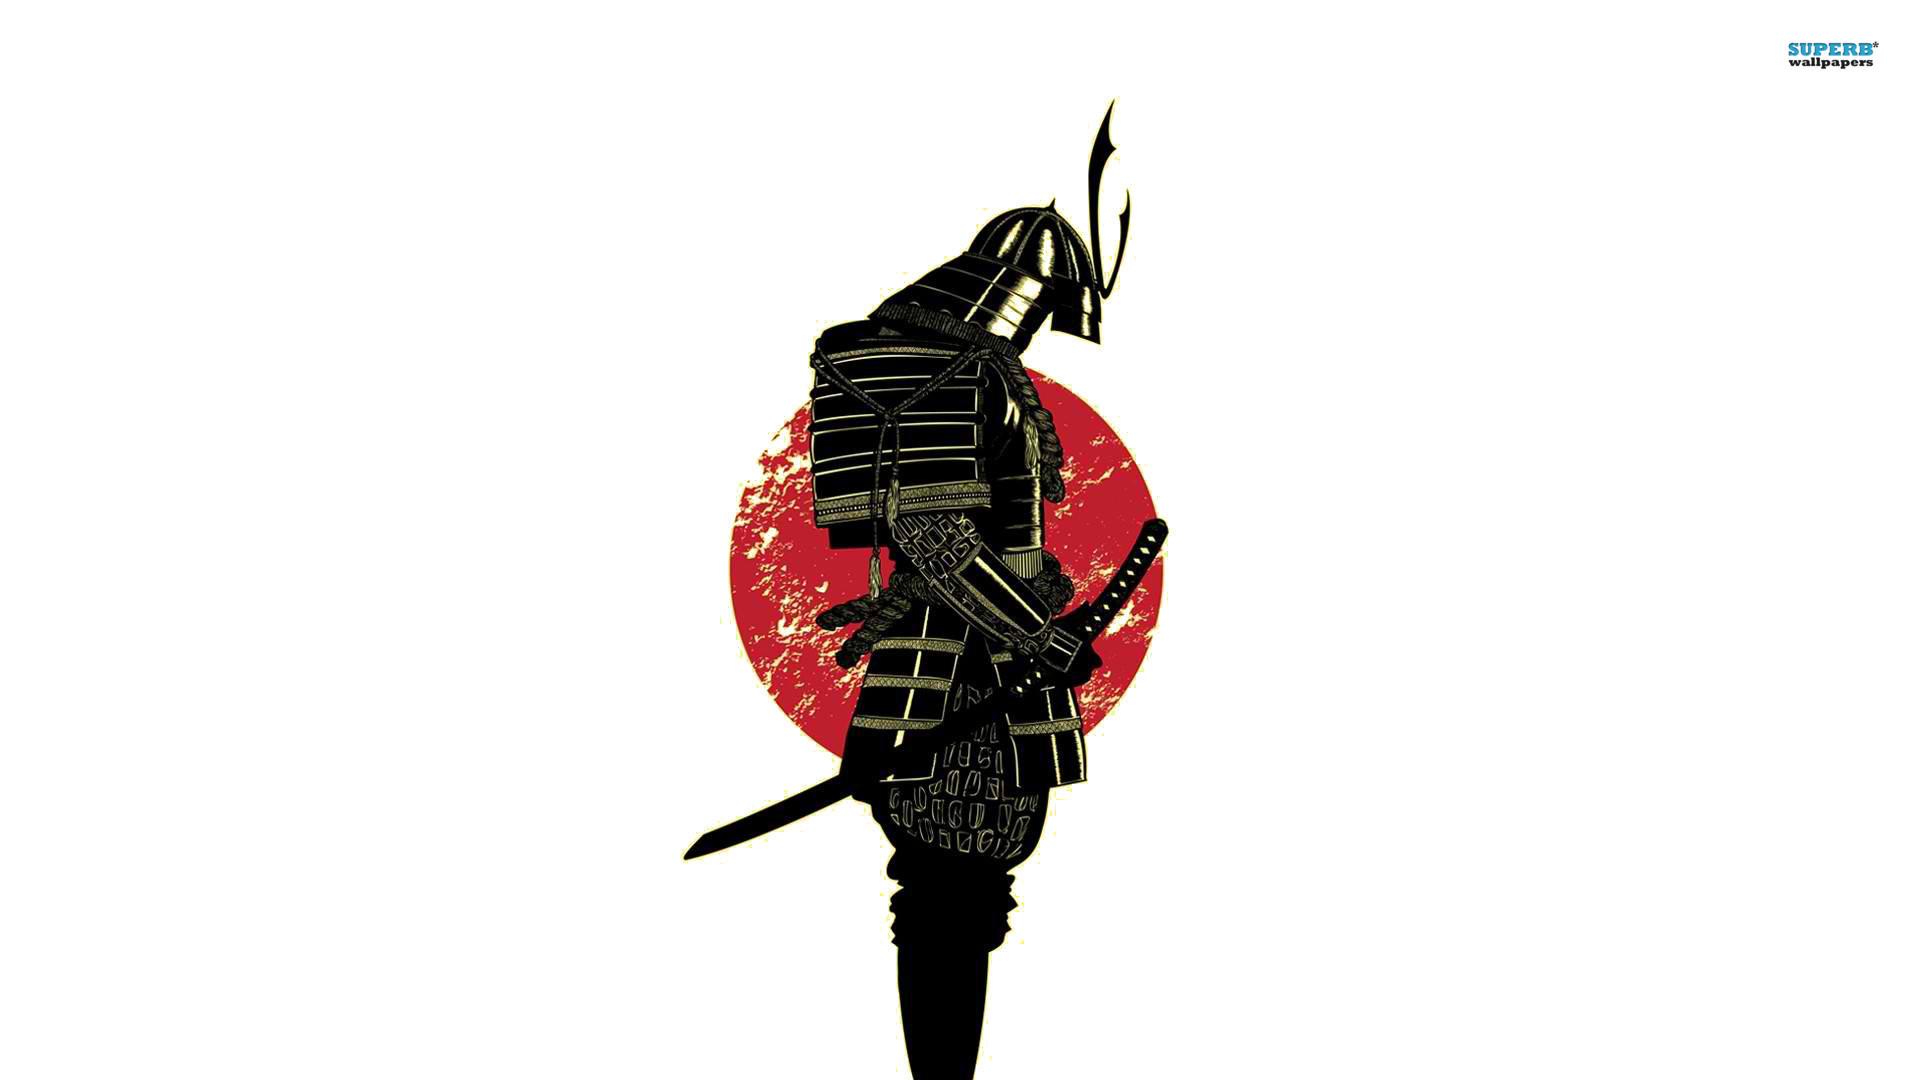 Samurai Phone Wallpaper 62 Images